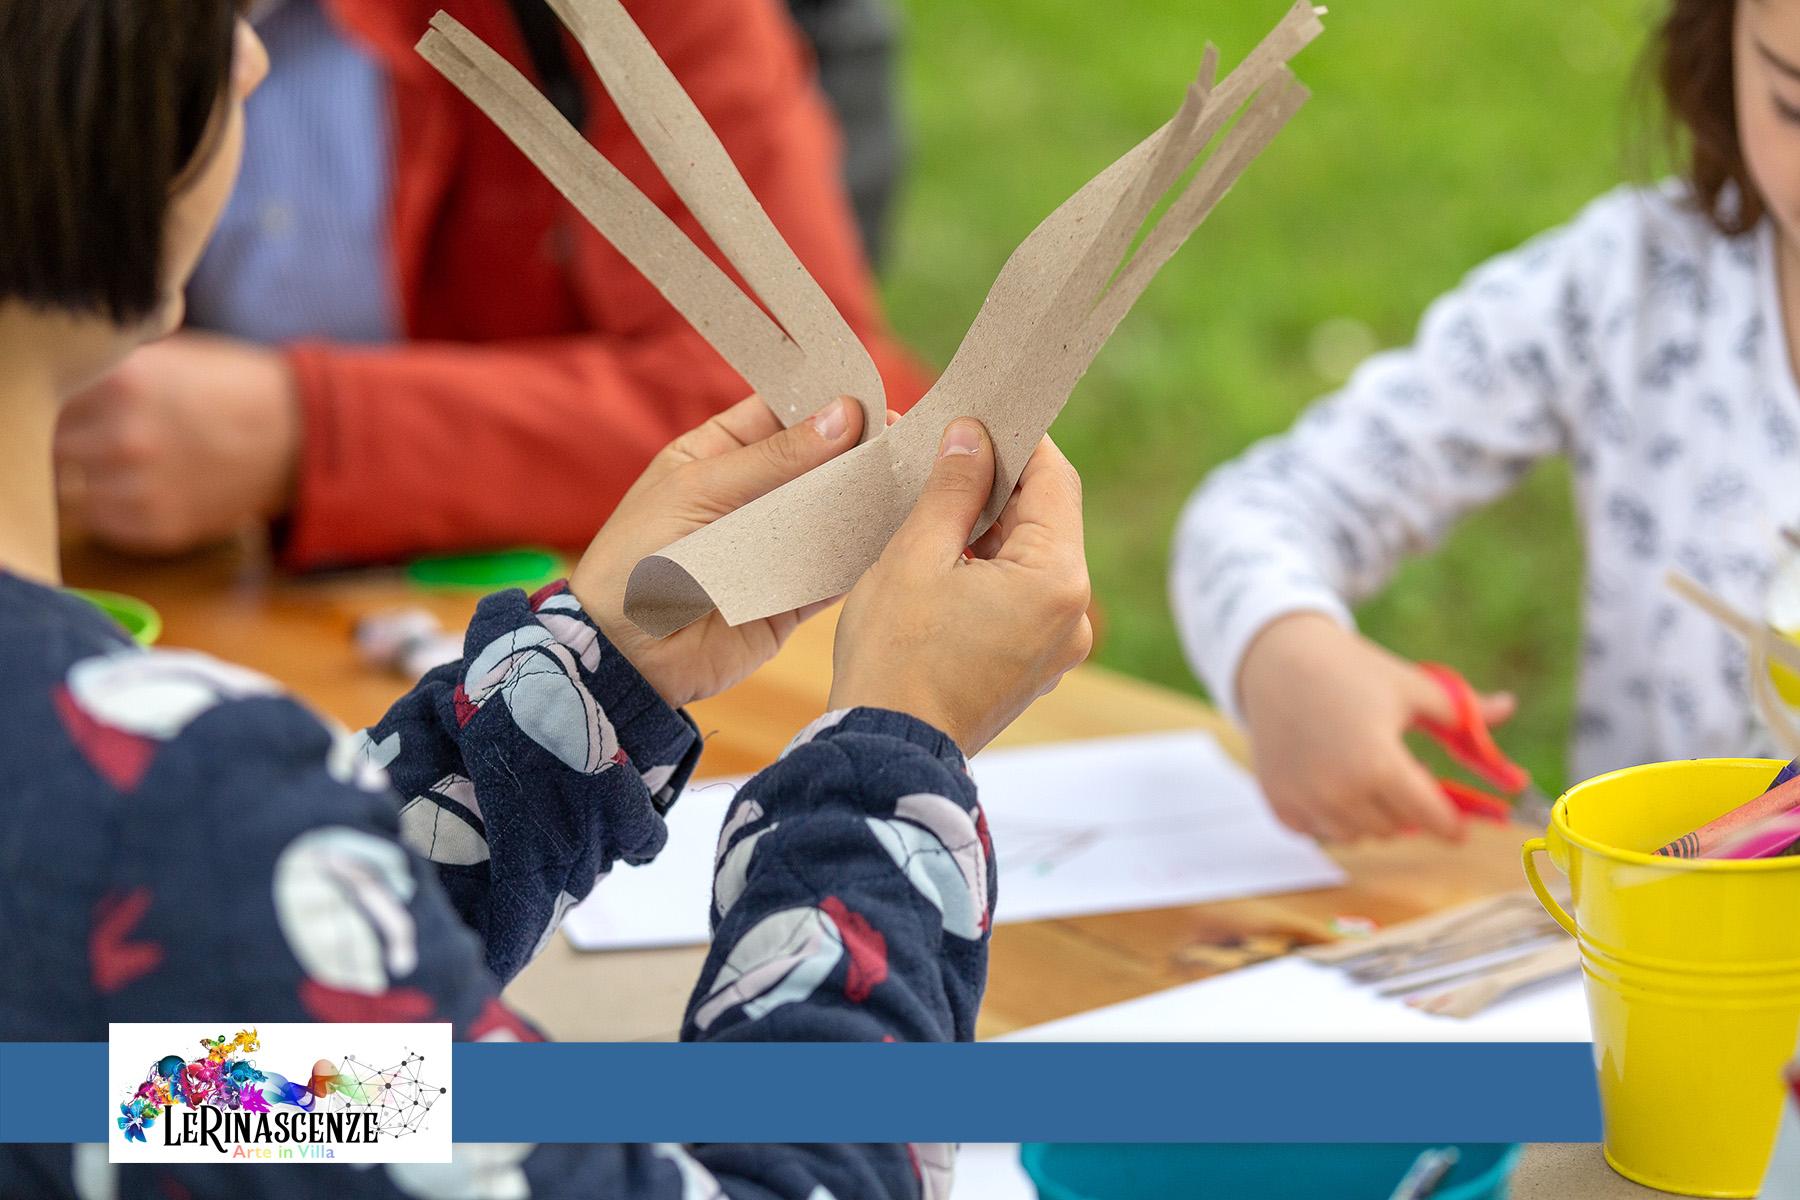 laboratori bambini le rinascenze - Kreativa